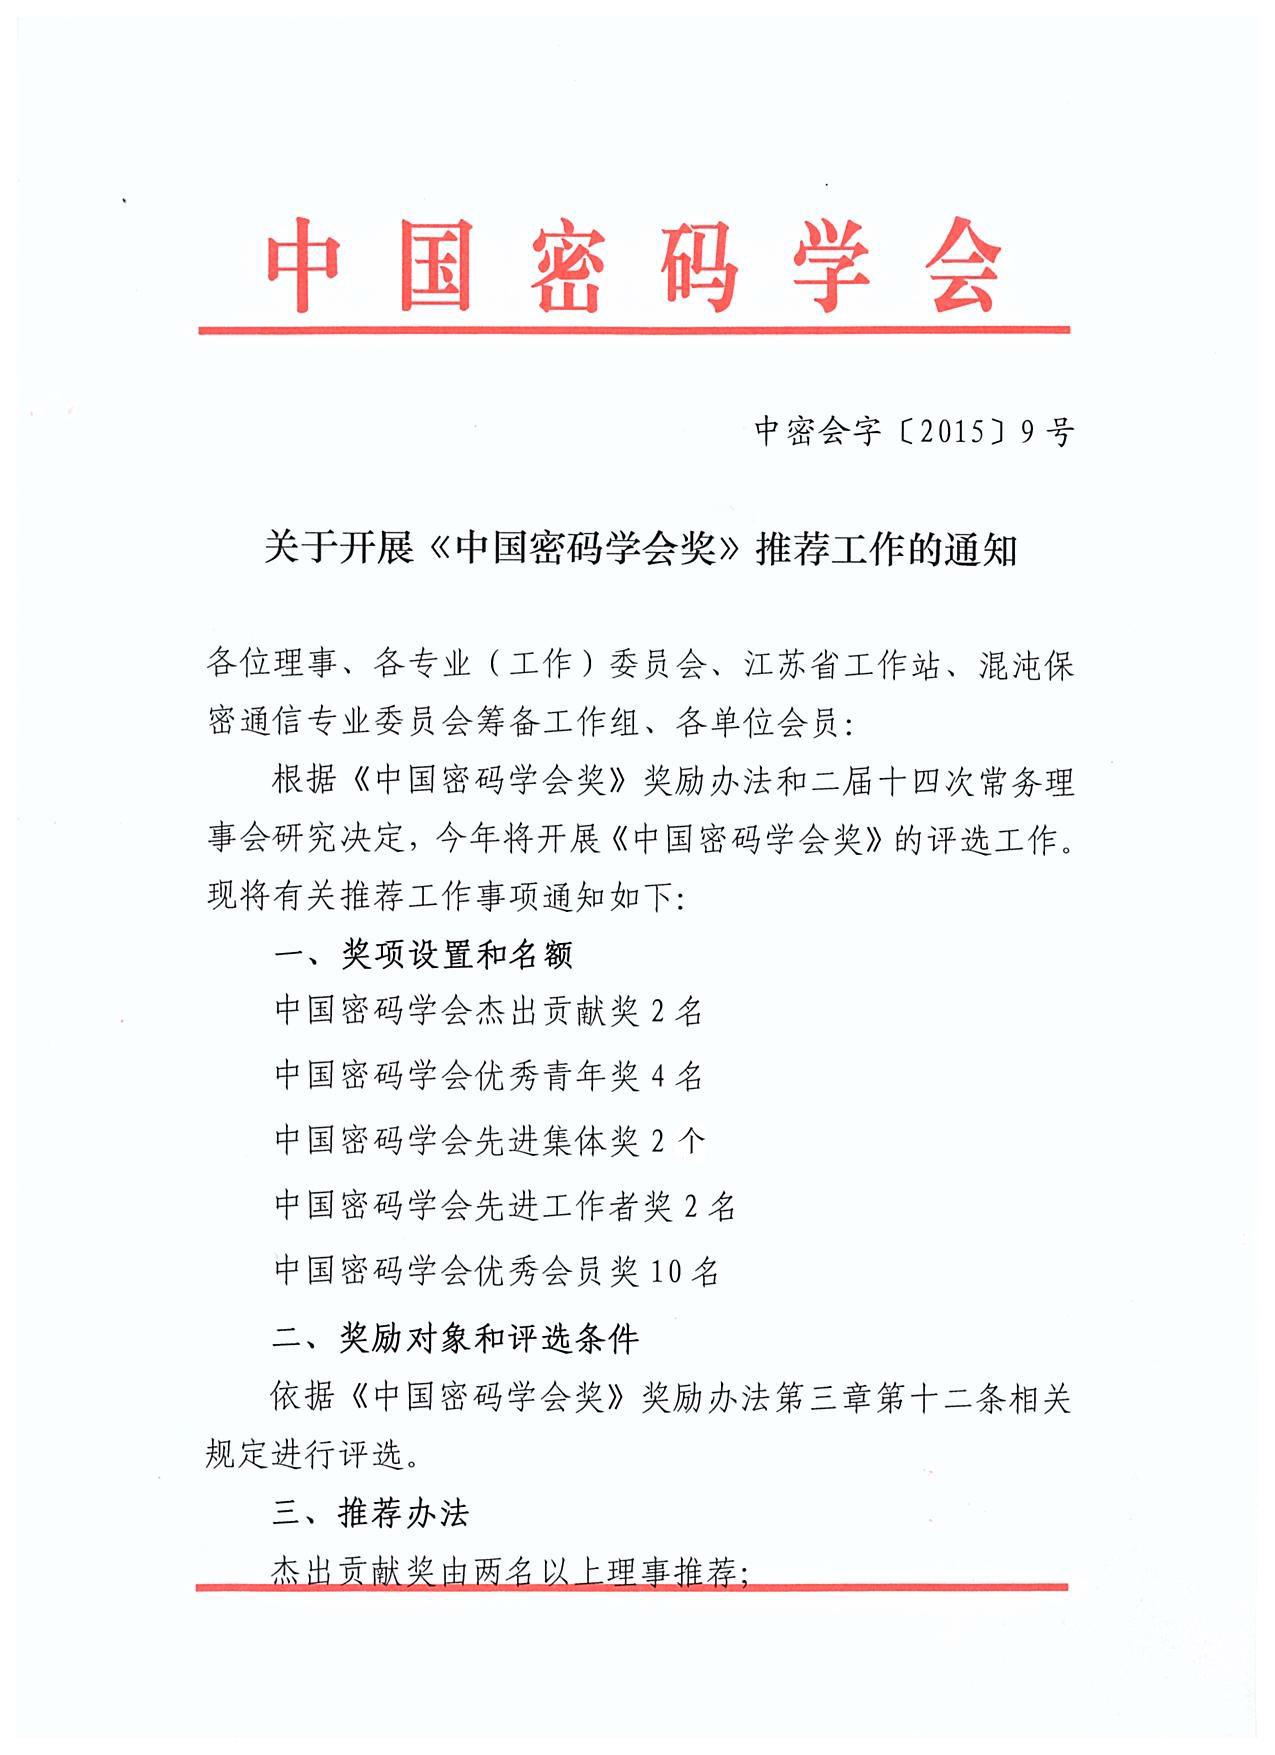 关于开展中国密码学会奖推荐工作的通知0.jpg